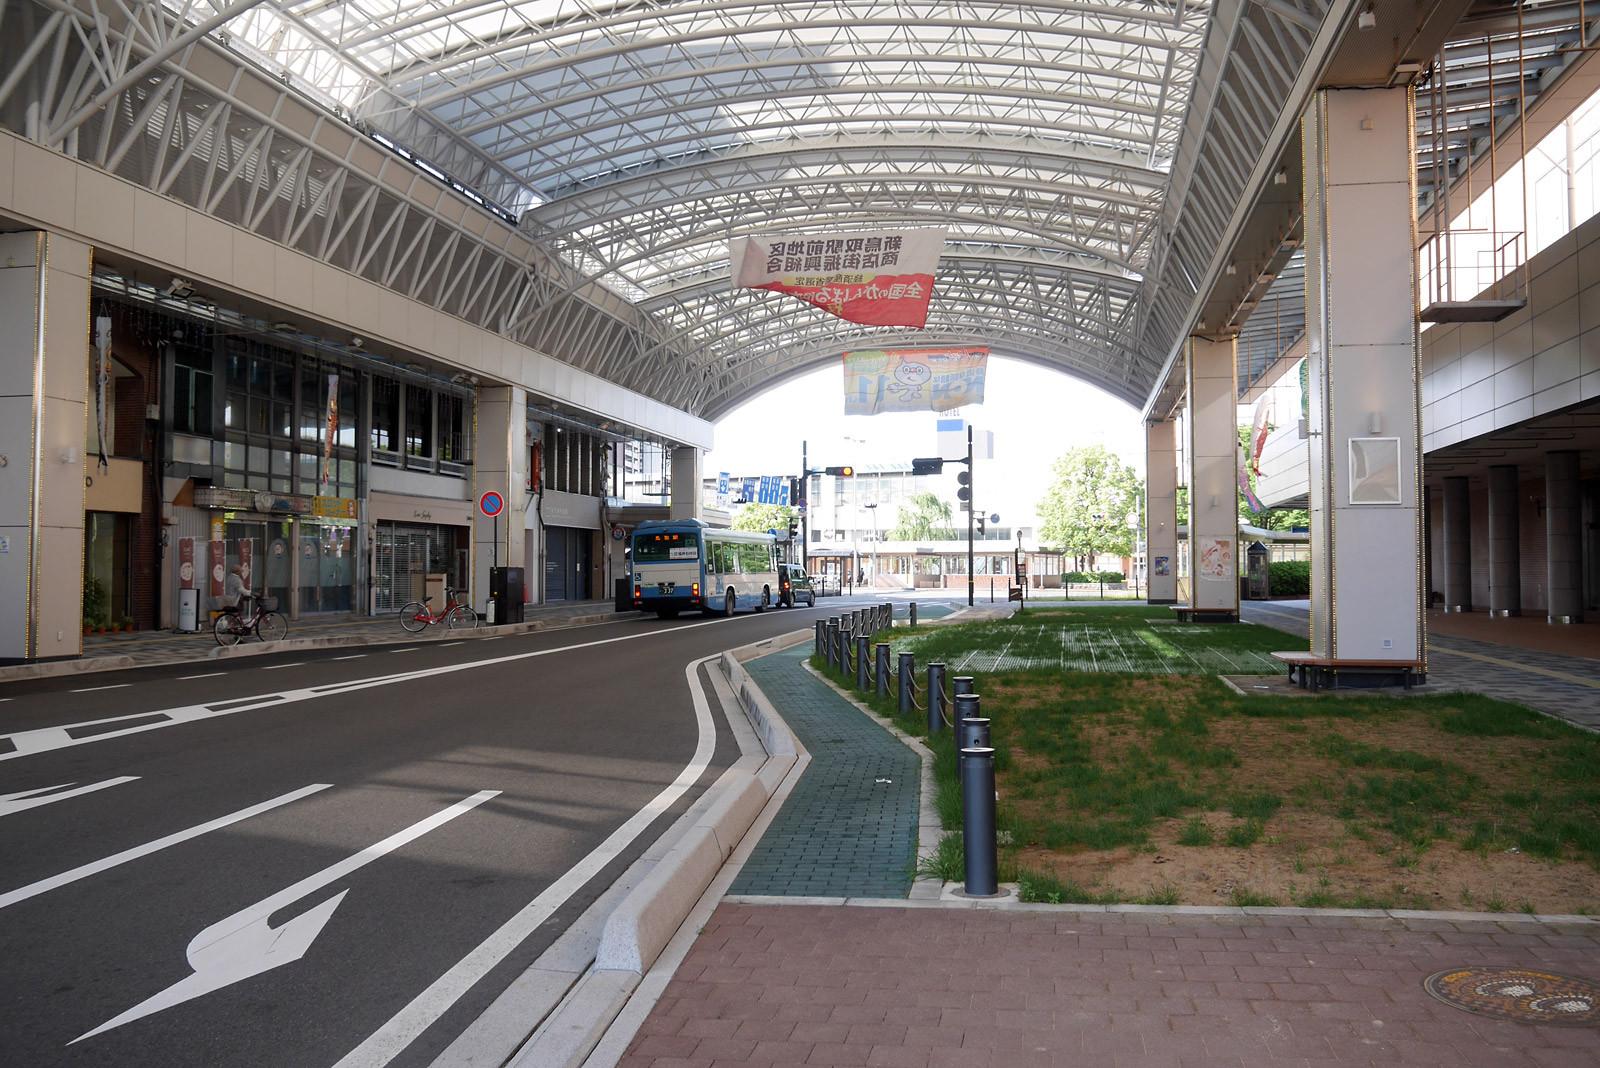 鳥取駅前アーケード